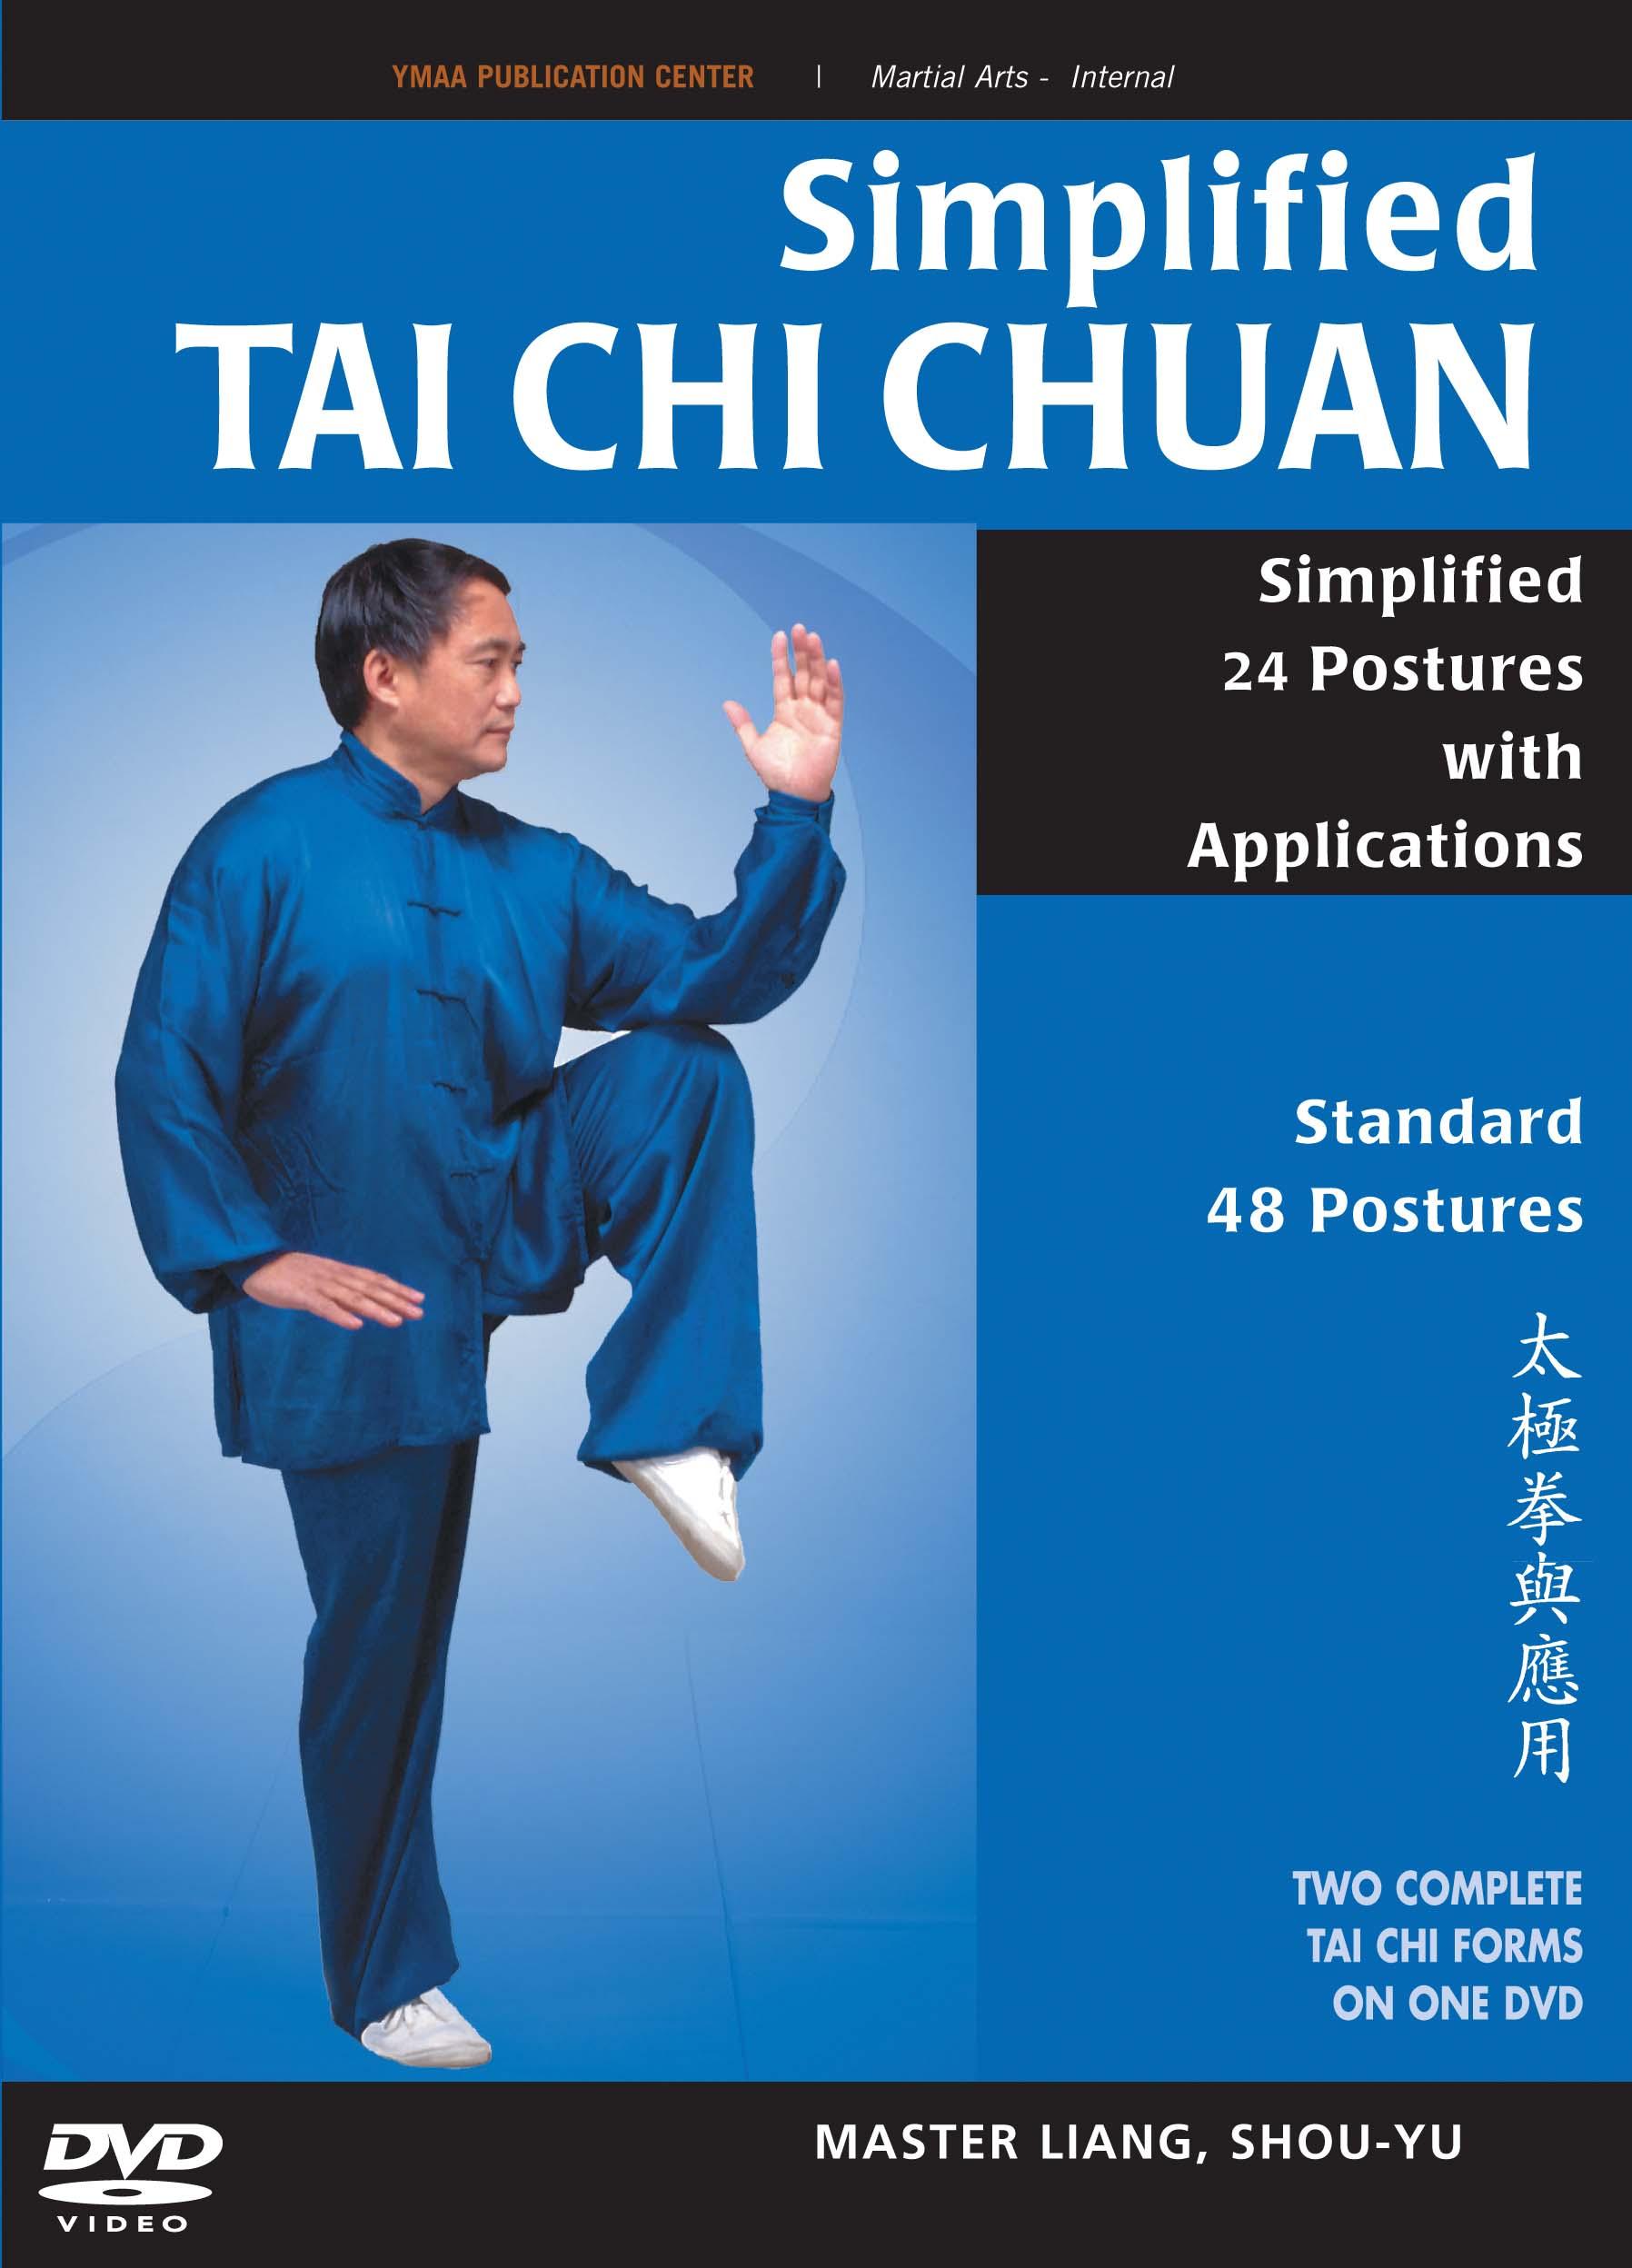 Simplified Tai Chi Chuan: Master Liang, Shou-Yu